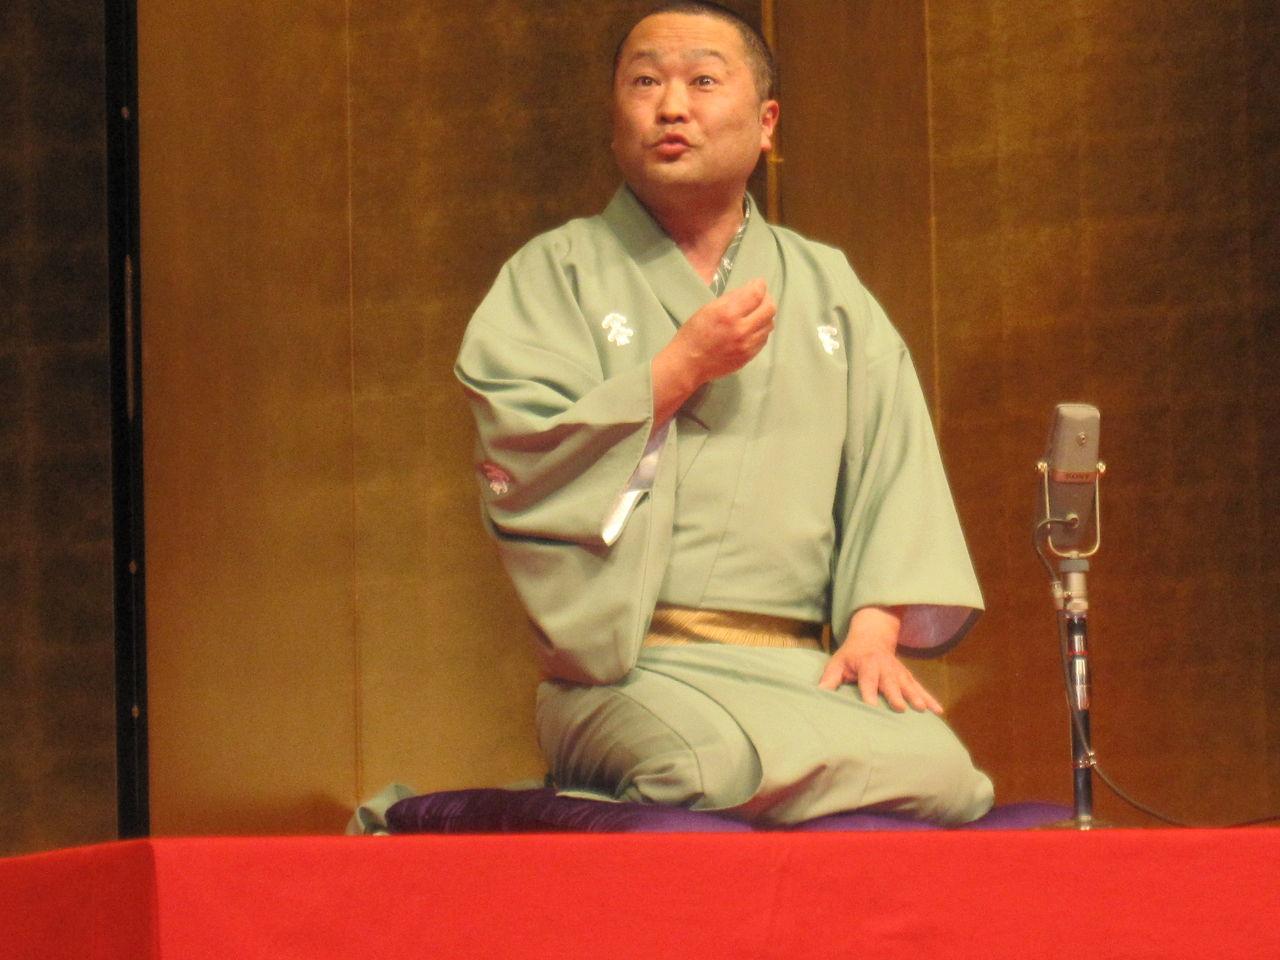 憧れのステージで落語♪ 茨城県民文化センター大ホールで落語をやるなんて生涯二度とないと思います.